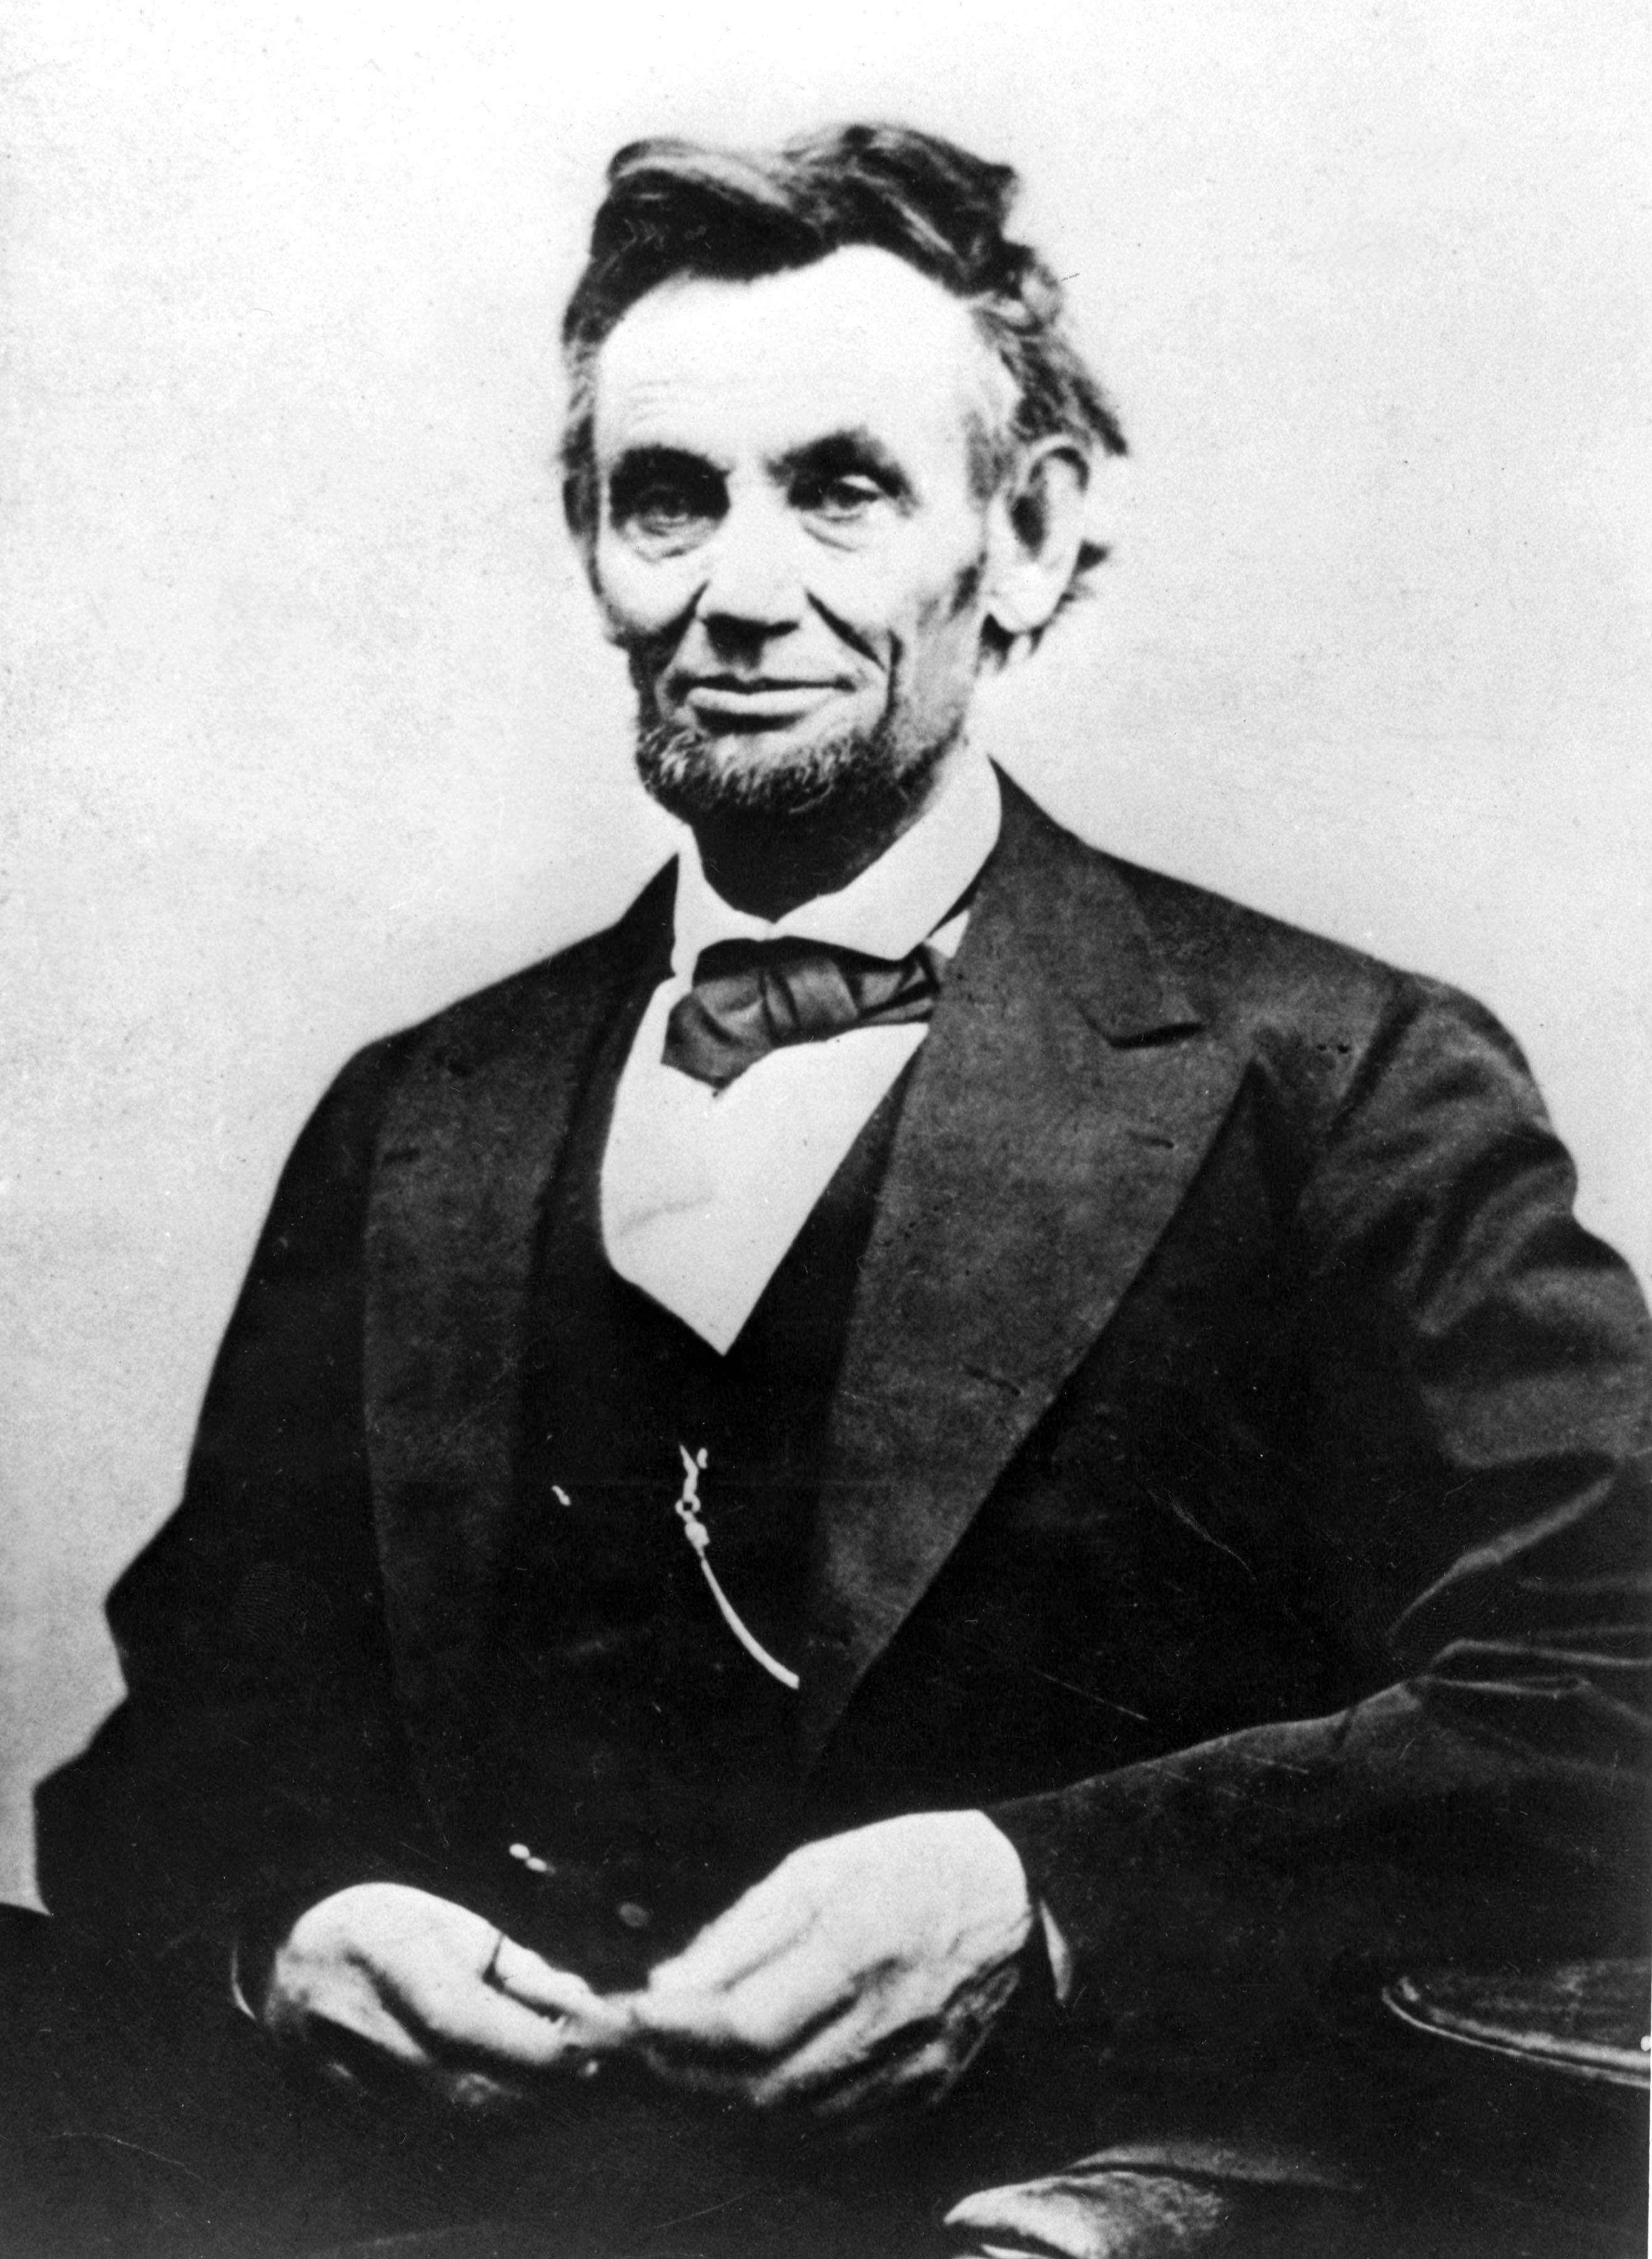 남북정상회담을 보고 링컨 대통령을